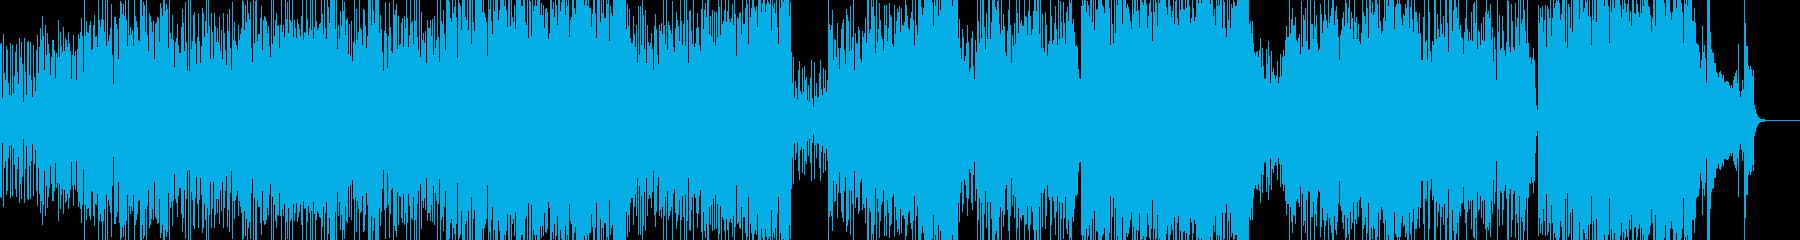 南国気分全開・ご機嫌なラテンポップ ★の再生済みの波形